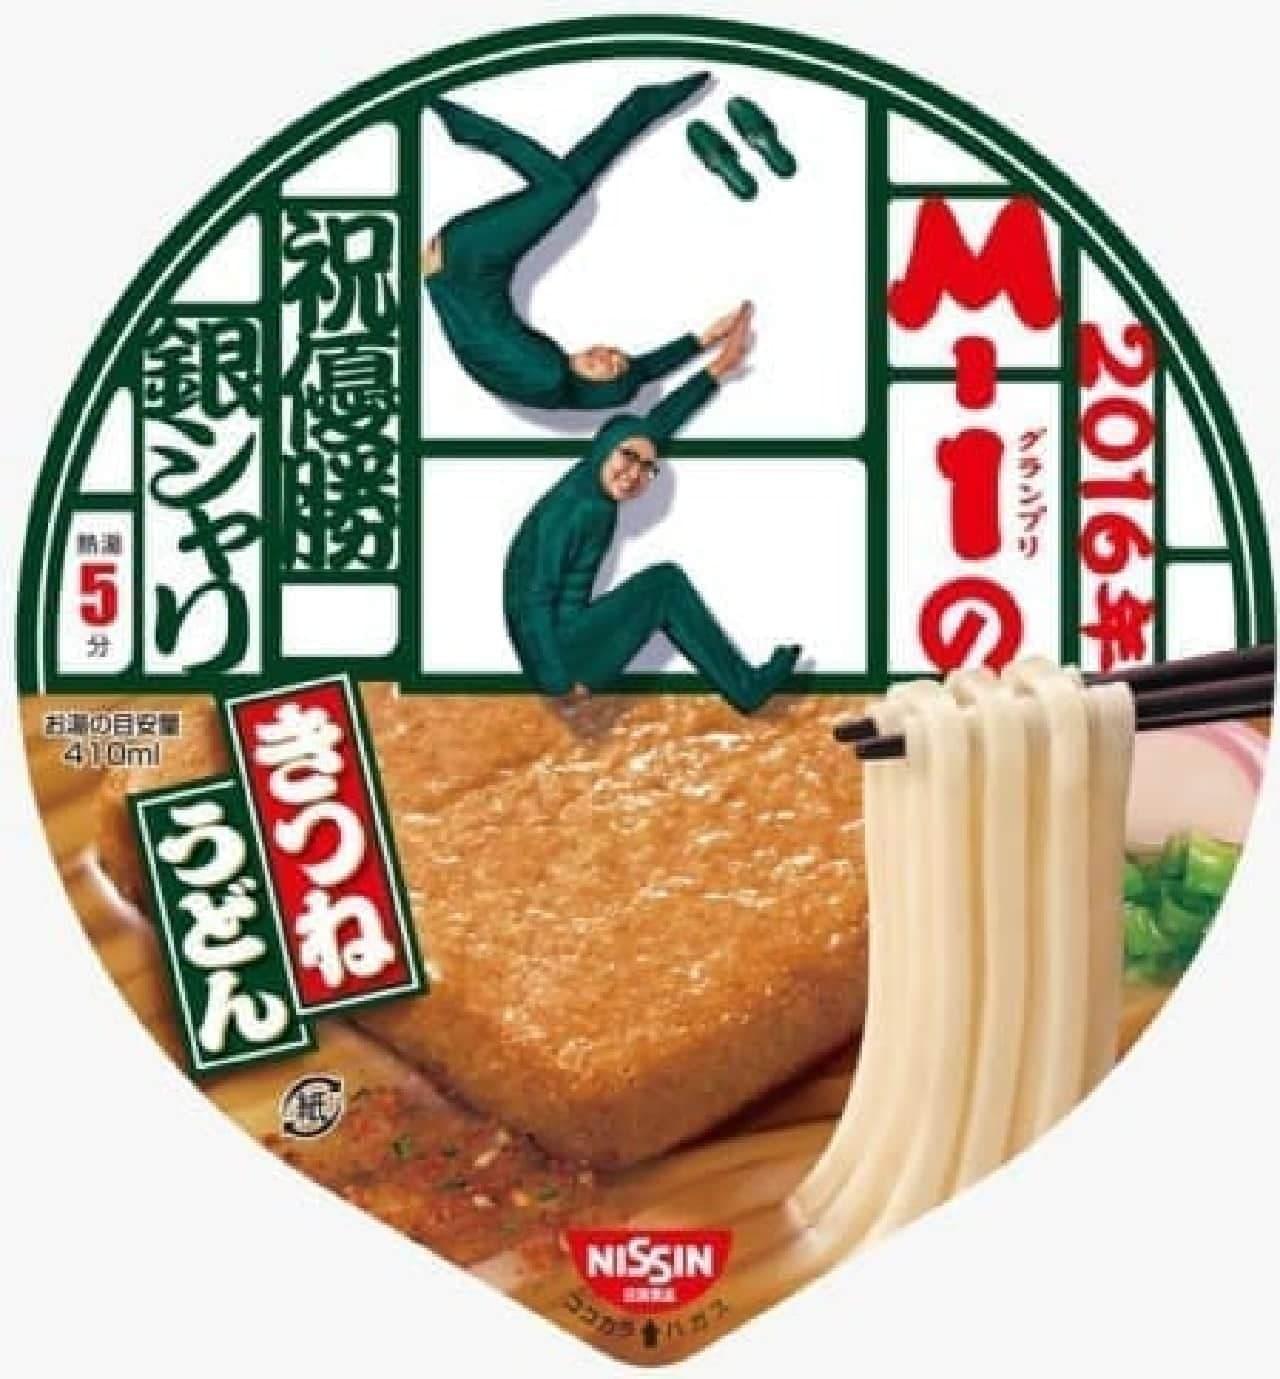 日清食品 銀シャリパッケージのどん兵衛「M-1のどん」